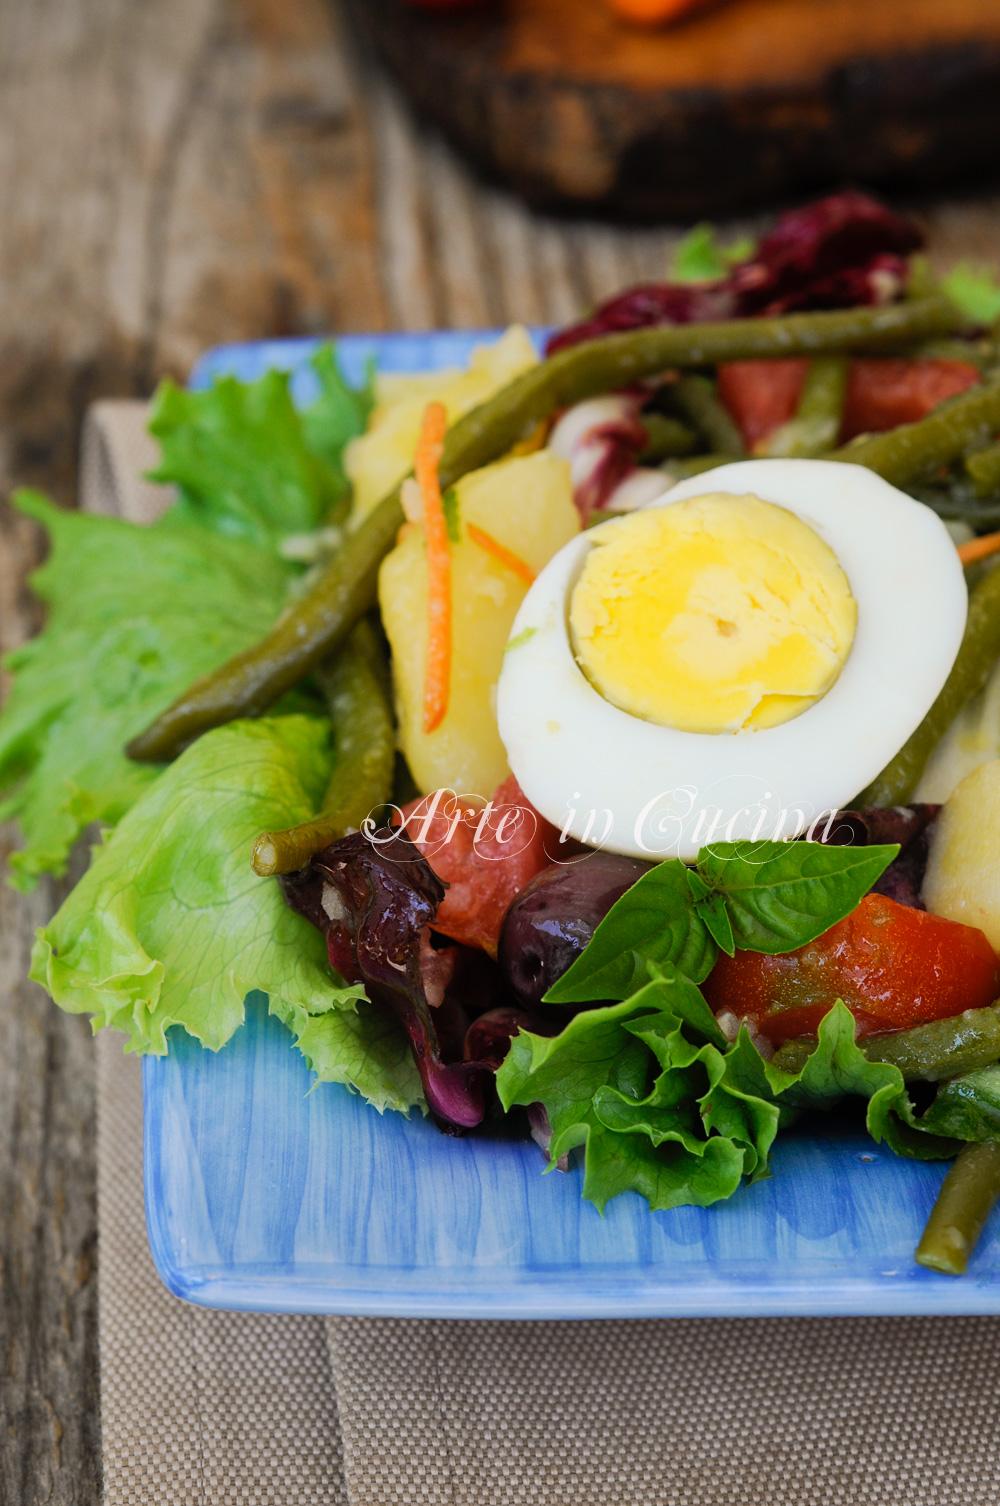 Insalata di fagiolini uova e patate ricetta leggera vickyart arte in cucina